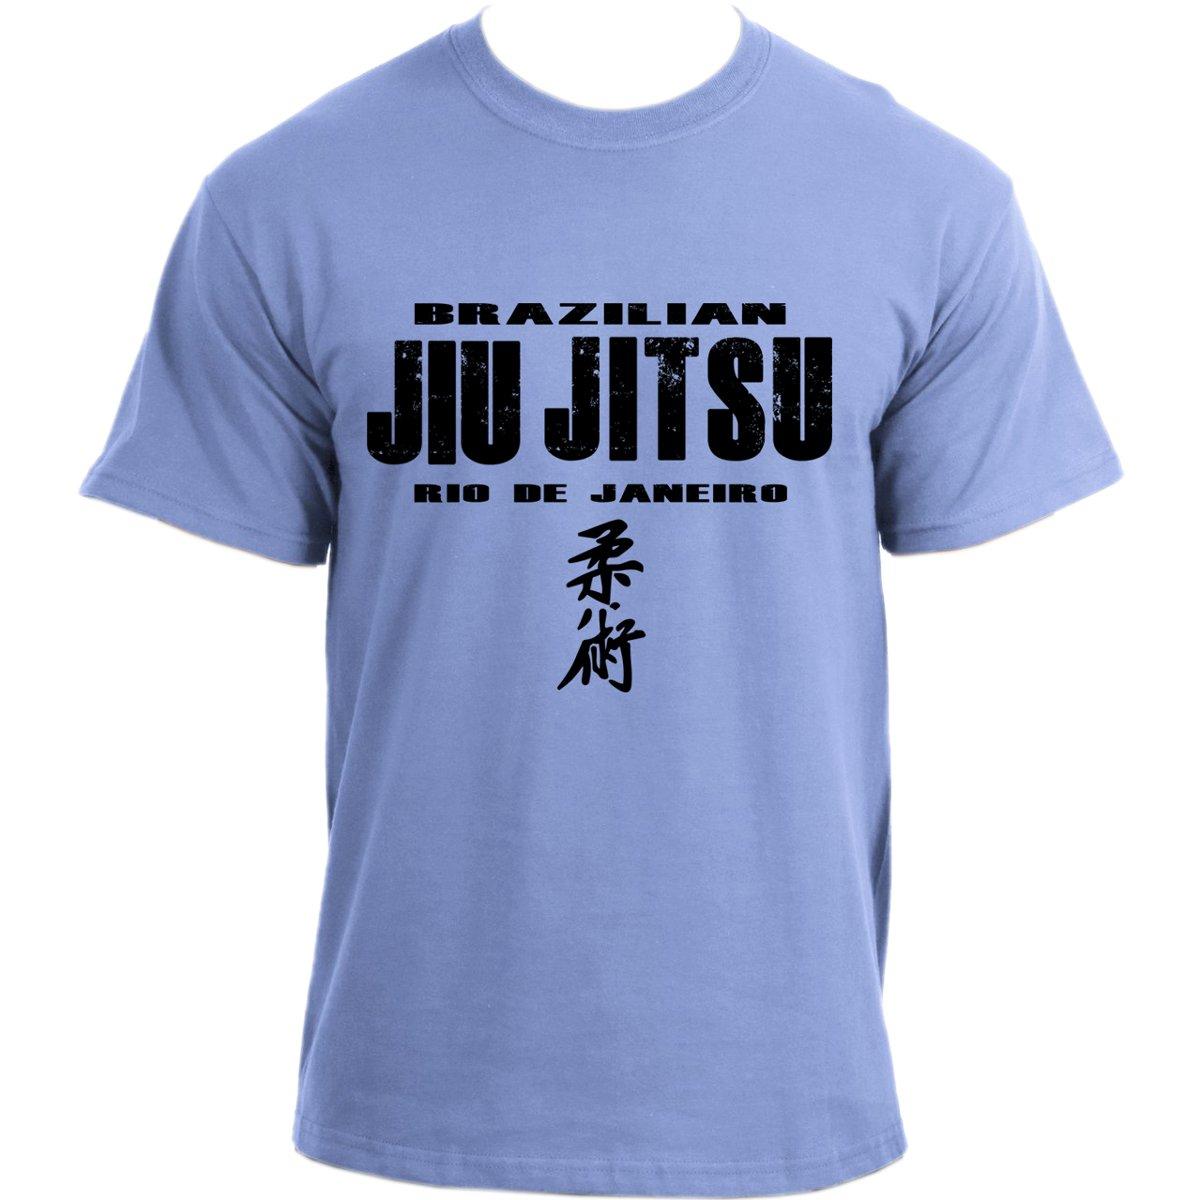 c43c00192 Brazilian Jiu Jitsu Rio de Janeiro MMA UFC BJJ T-shirt: Amazon.co.uk:  Clothing